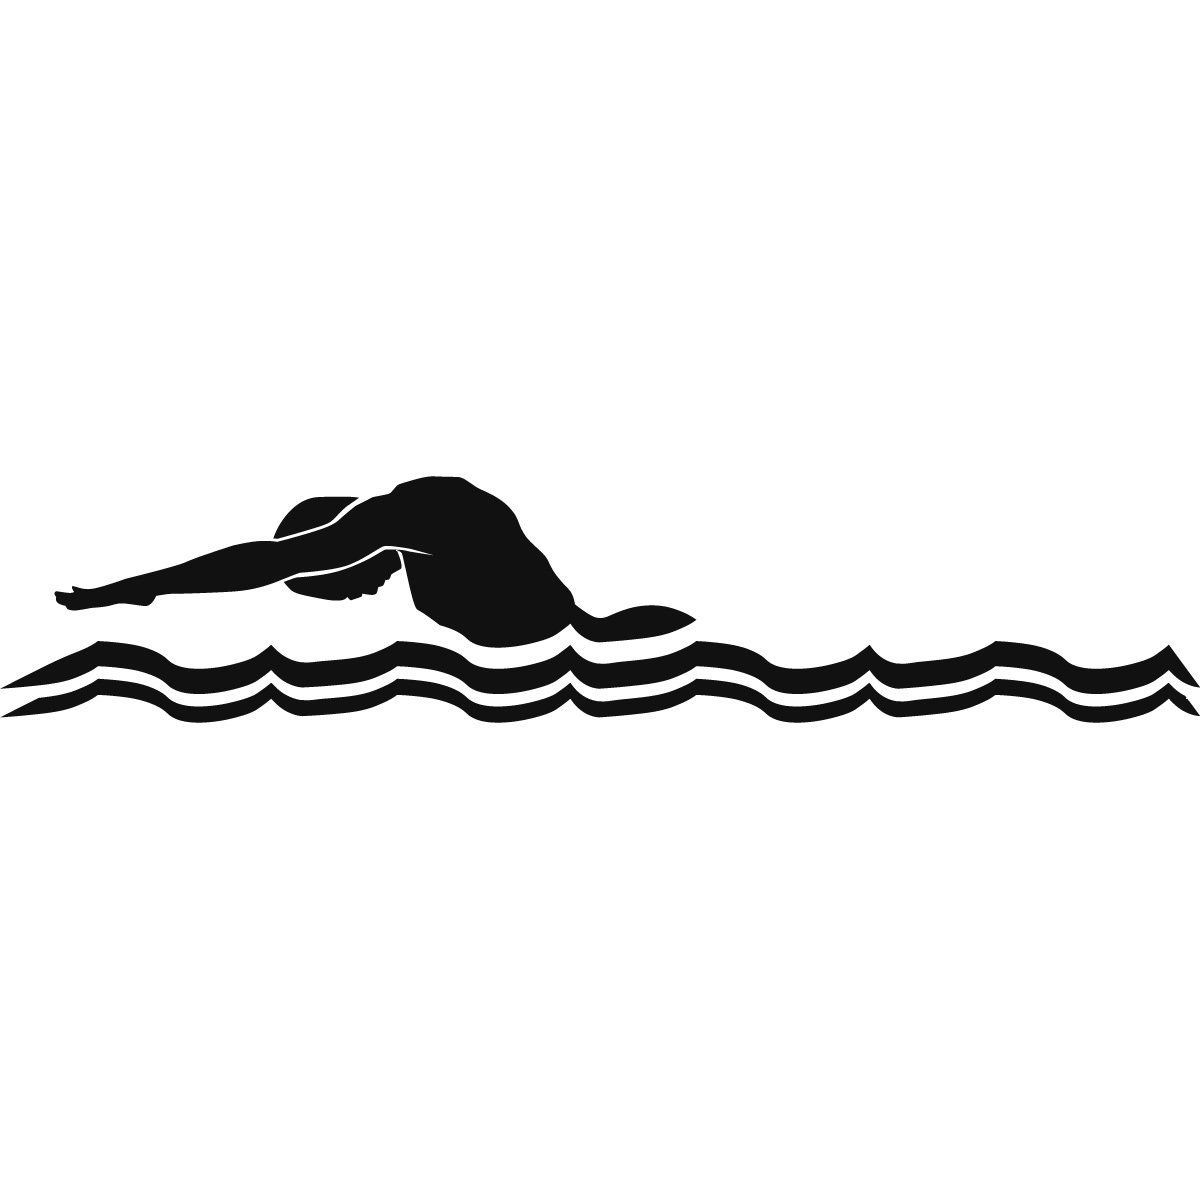 Clip Art Male Swimmer Butterfly Stroke Green Swimming.